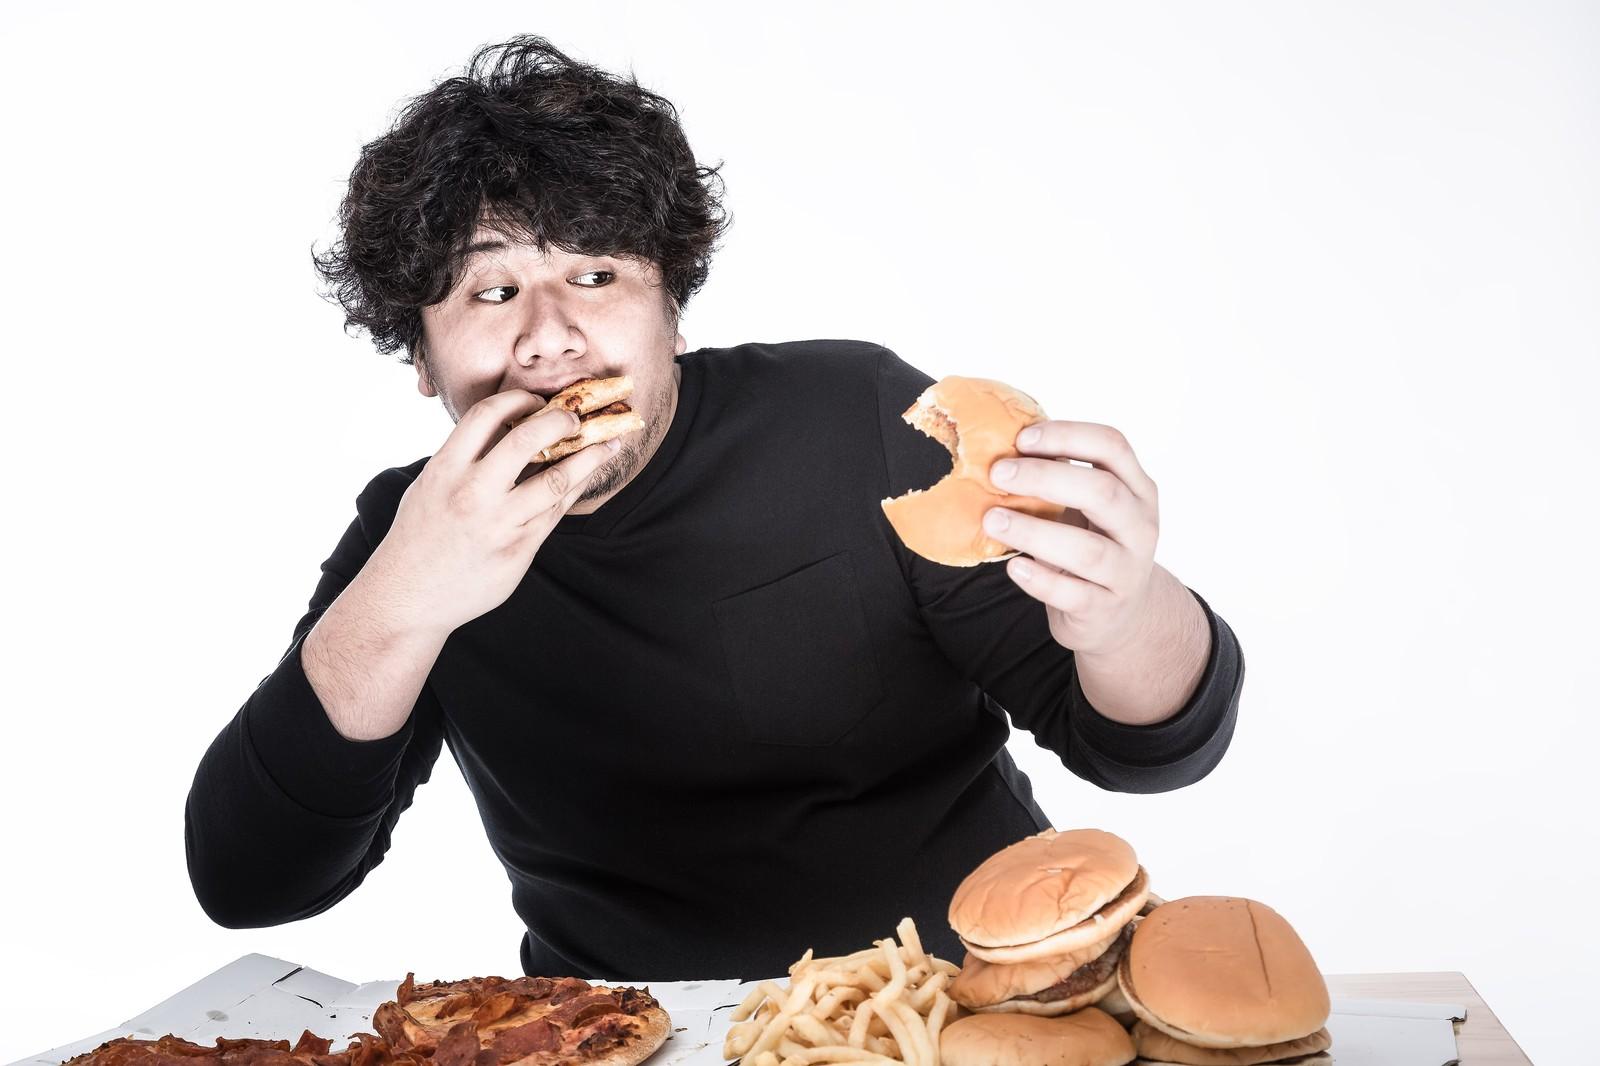 実は皆も悩んでる!彼氏の食べ方マナーが不快な場合のしつけ方